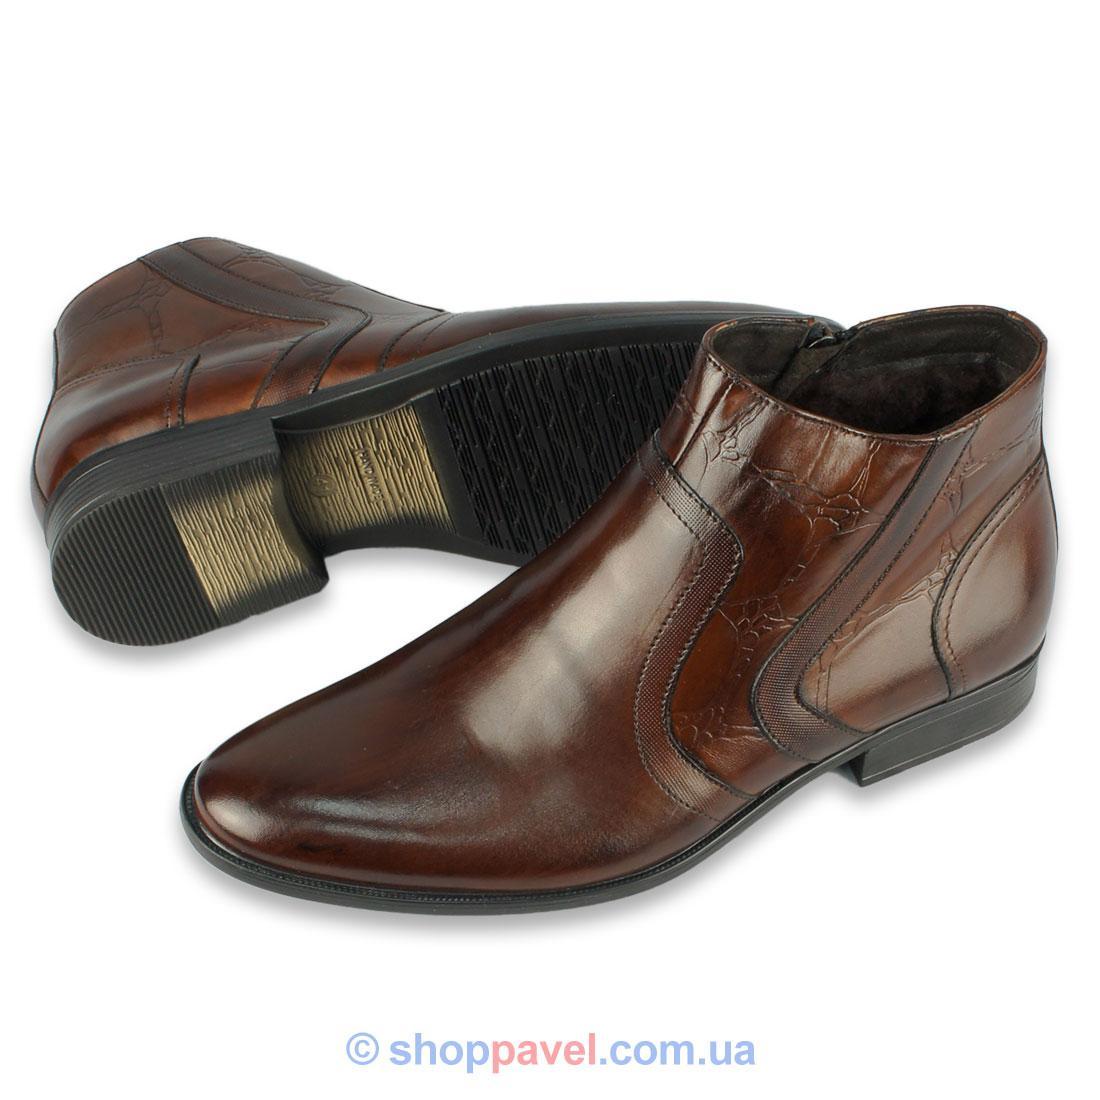 Чоловіче Зимове Польське Взуття Tapi 2159 — в Категории